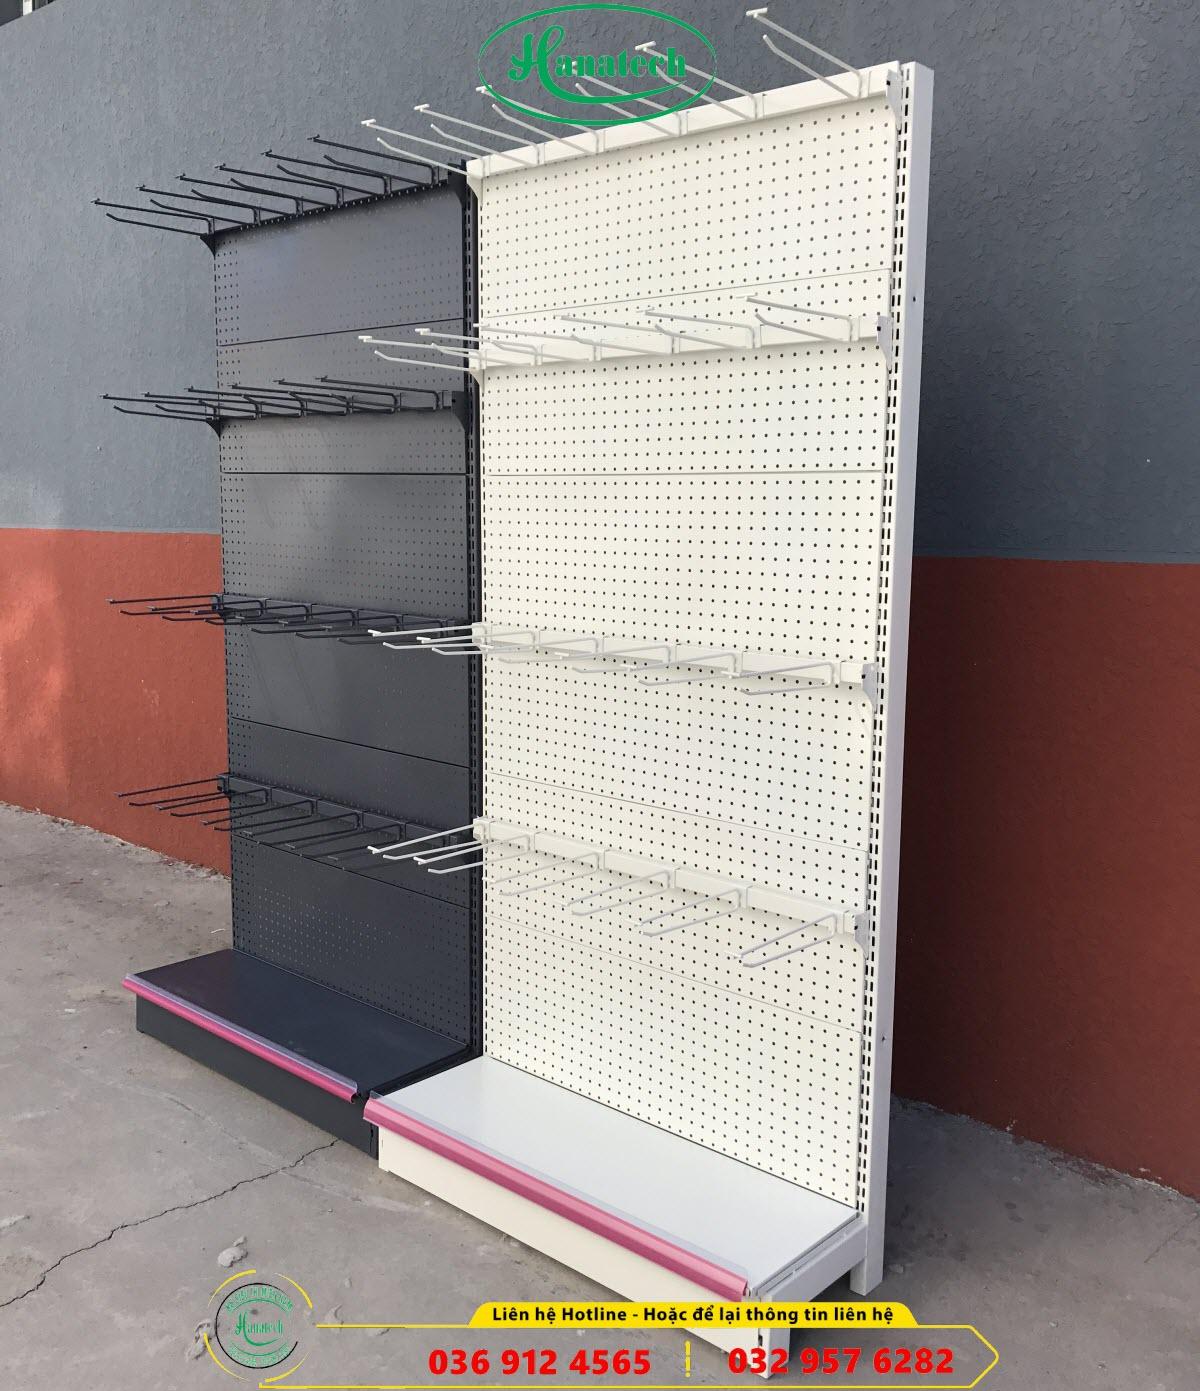 Bảng báo giá kệ siêu thị trưng bày tại Bà Rịa - Vũng Tàu